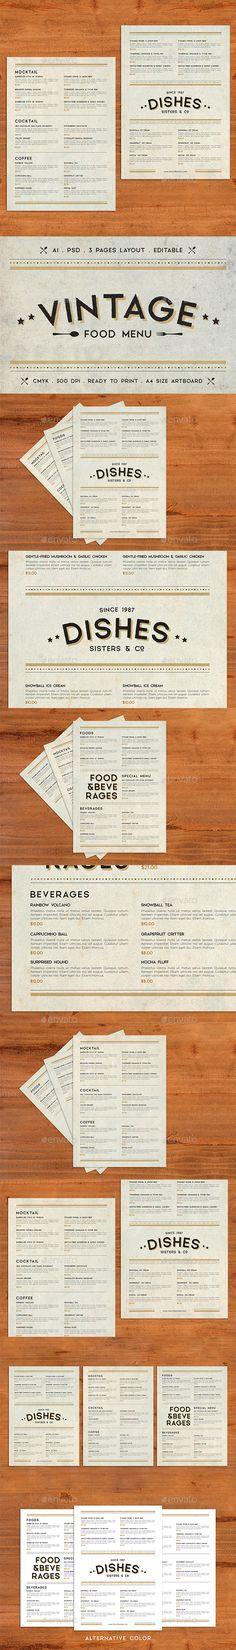 Vintage #Food #Menu - Food Menus Print Templates Download here: https://graphicriver.net/item/vintage-food-menu/19730520?ref=alena994